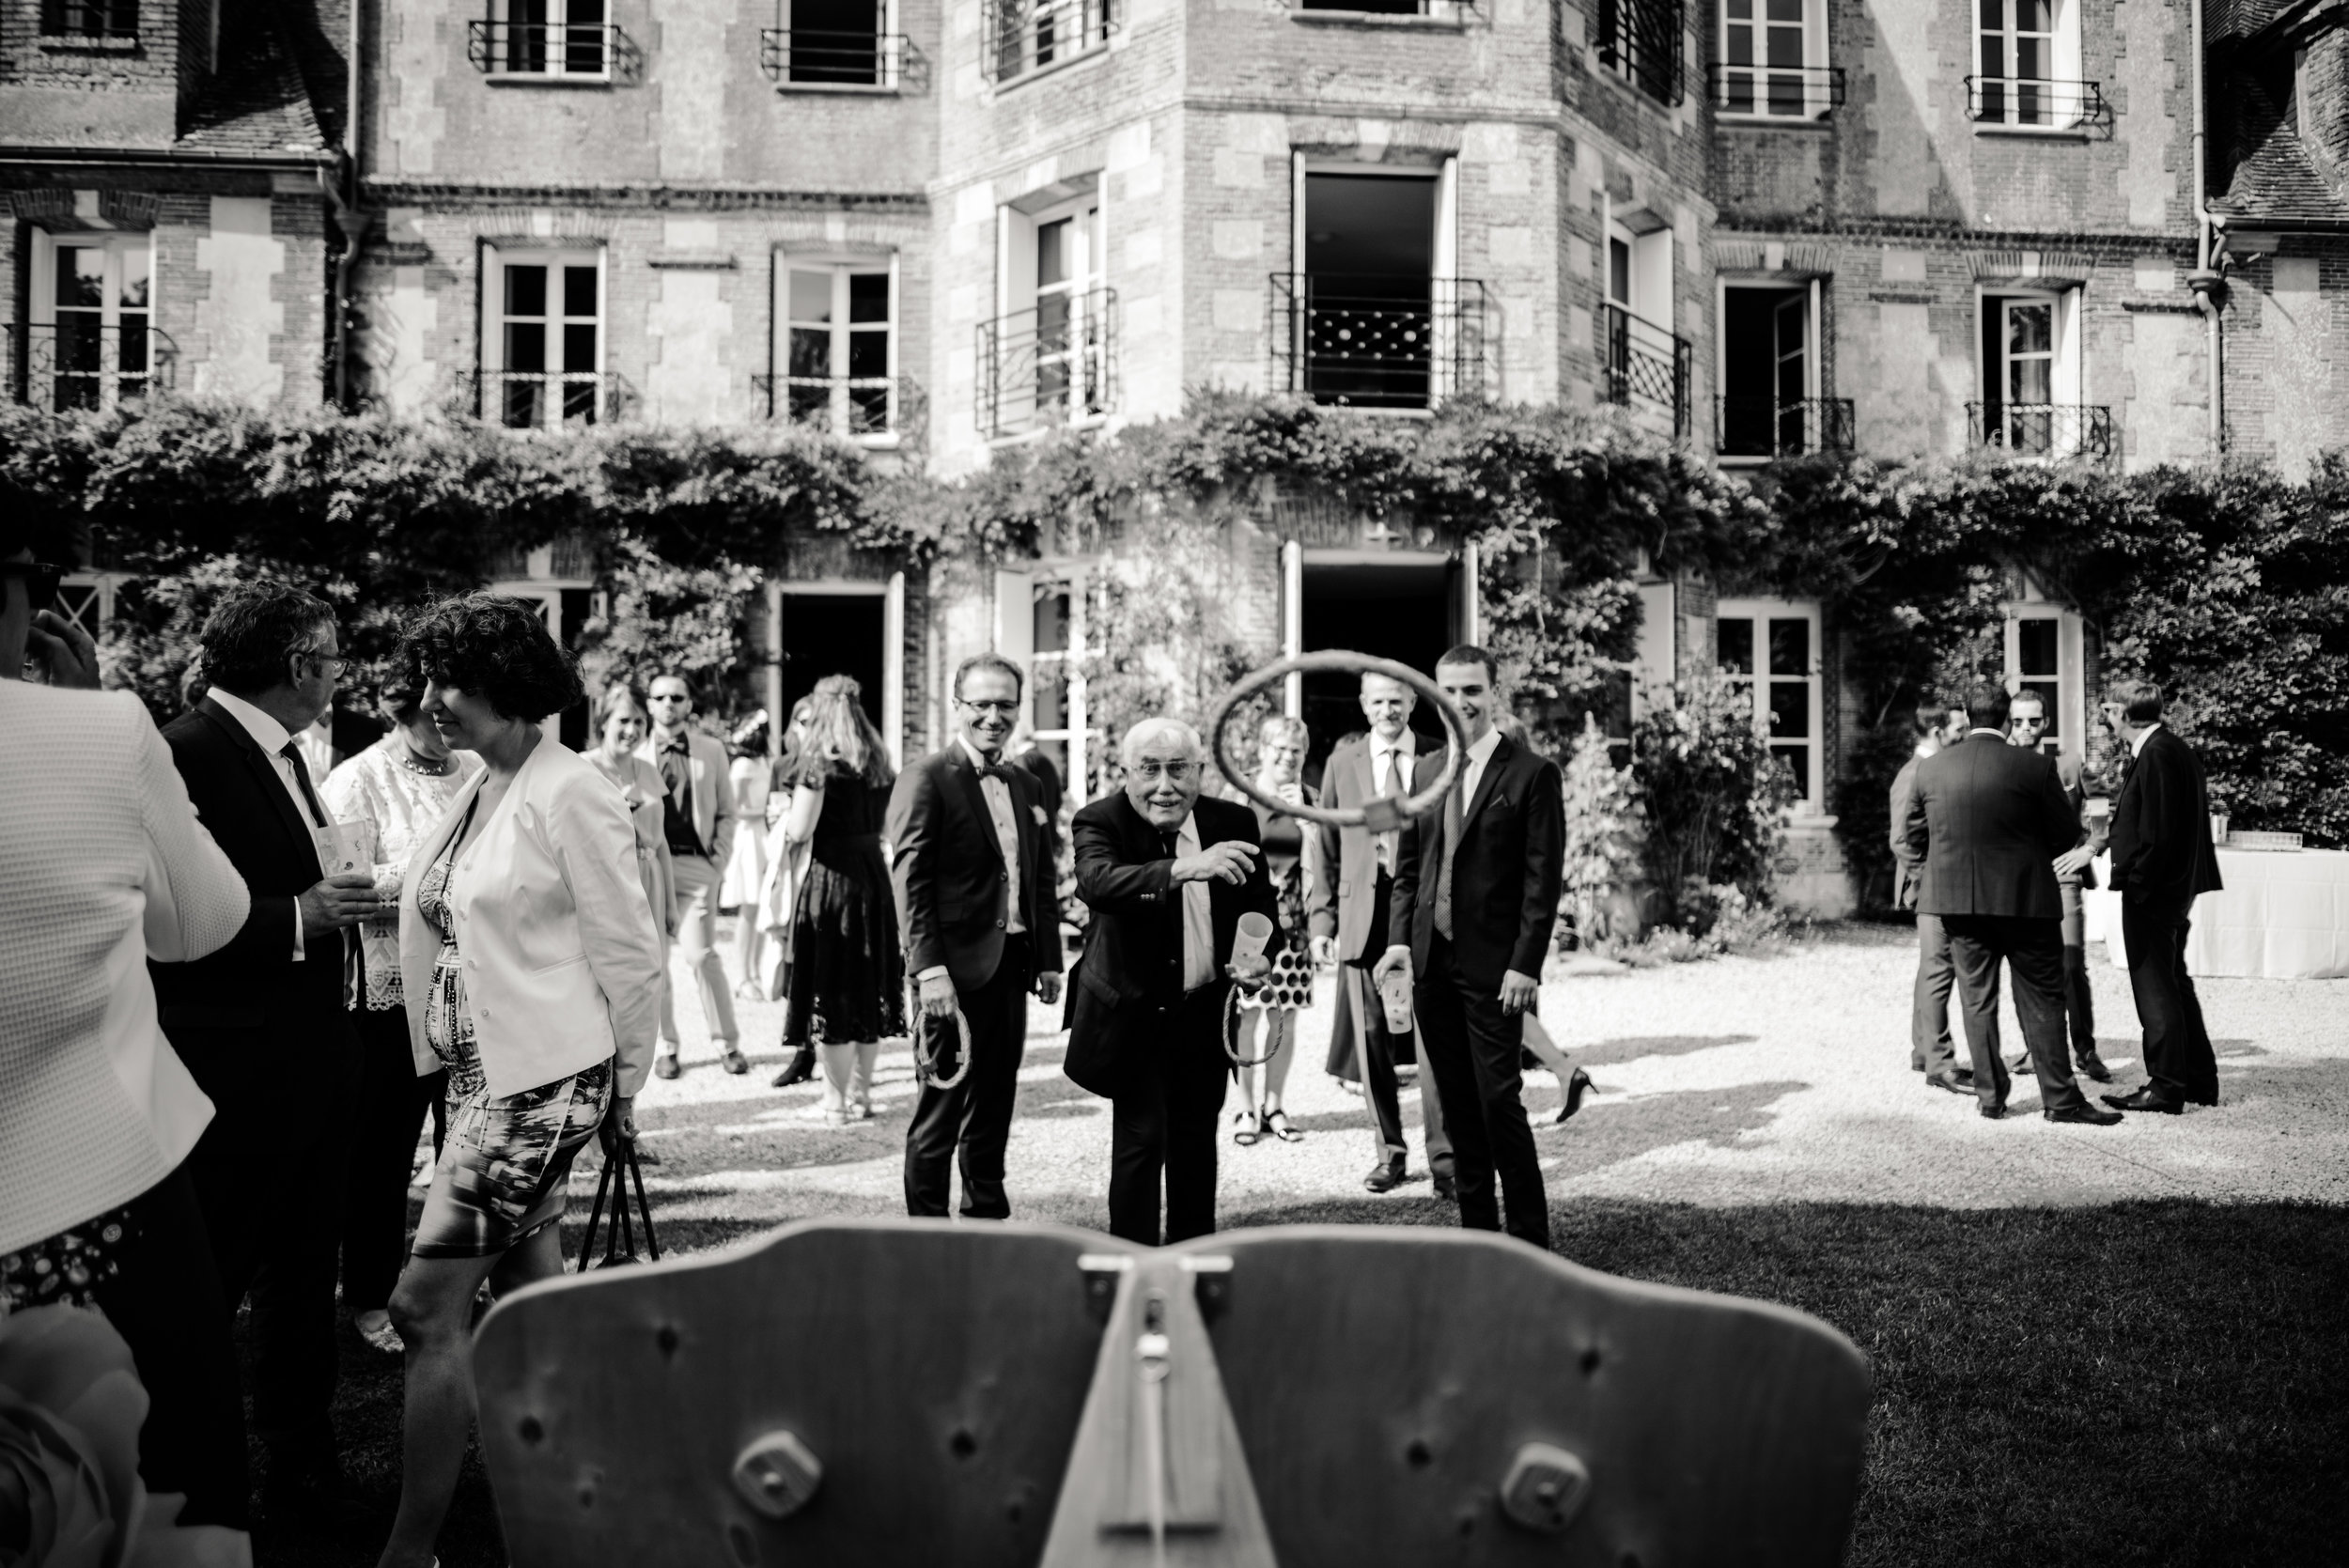 Léa-Fery-photographe-professionnel-lyon-rhone-alpes-portrait-creation-mariage-evenement-evenementiel-famille-2-170.jpg